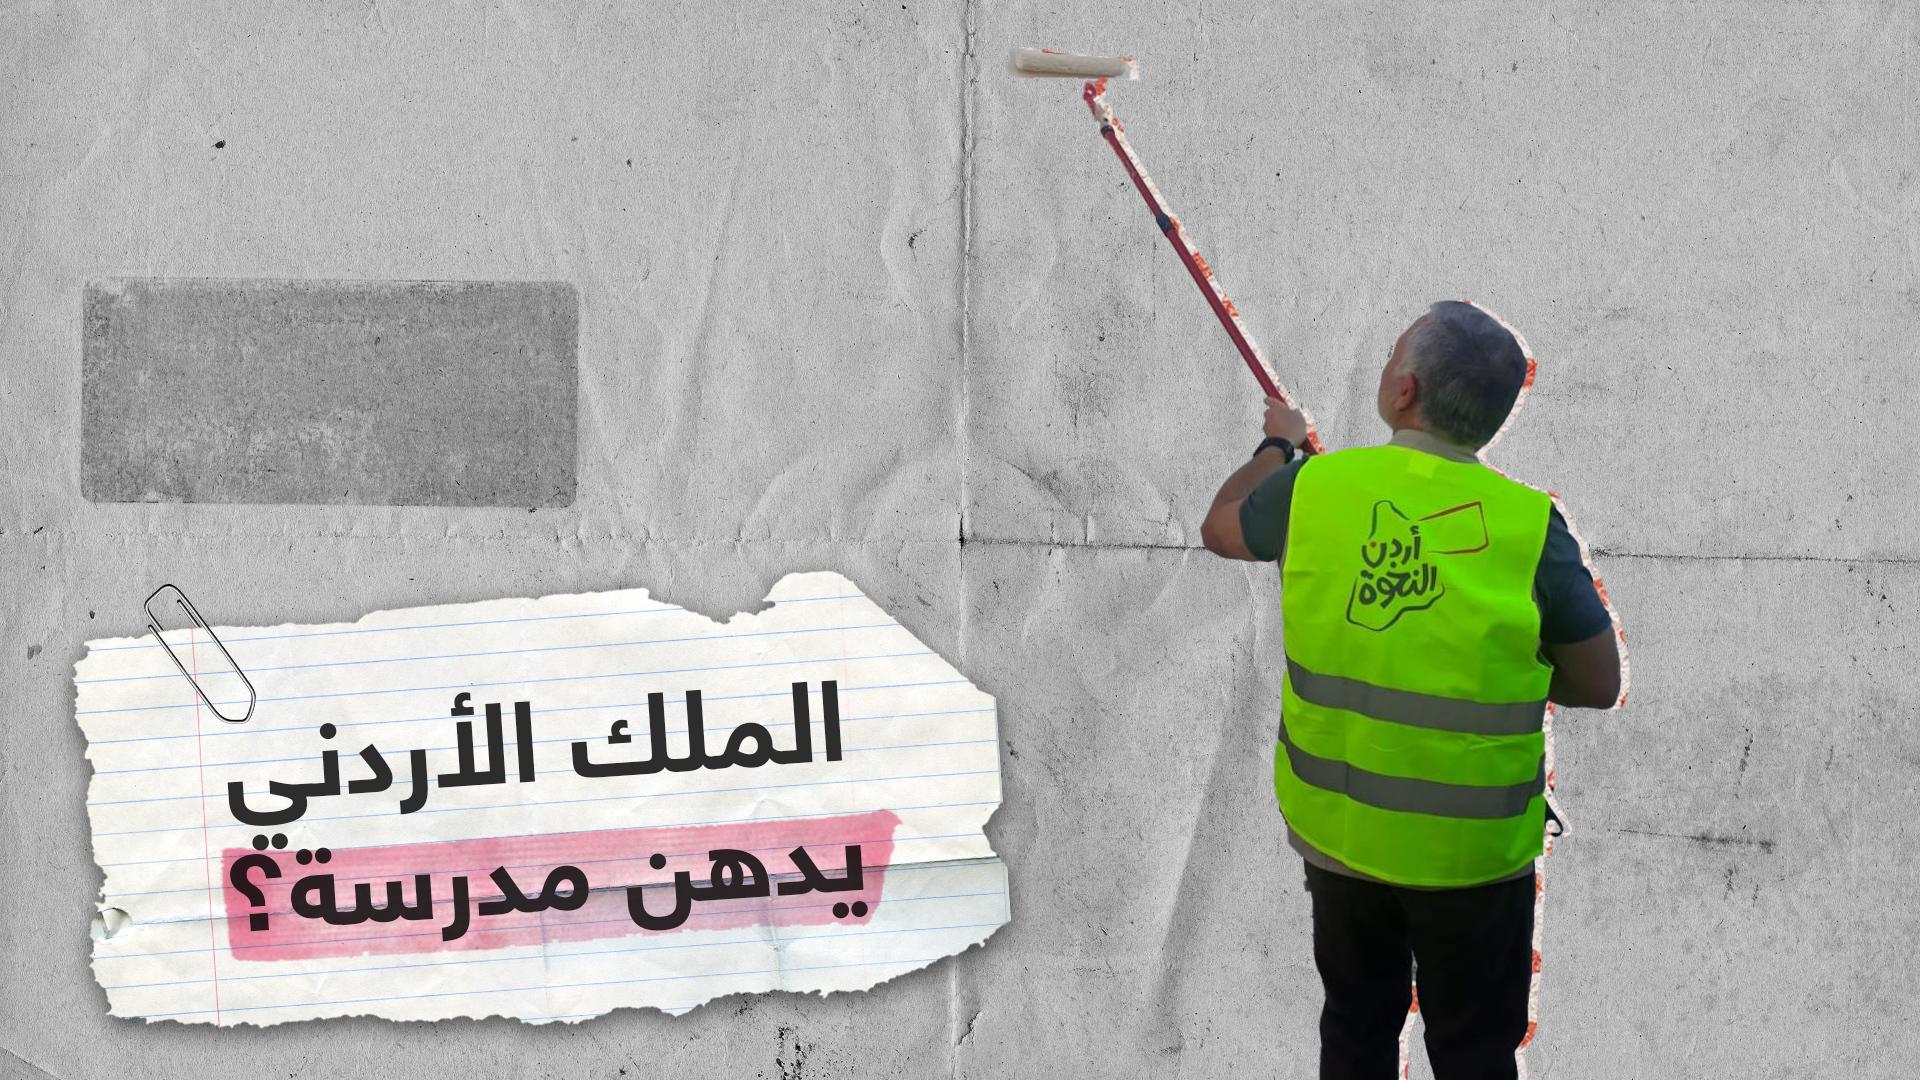 في يوم التطوع العالمي.. ملك الأردن يشارك في دهان مدرسة